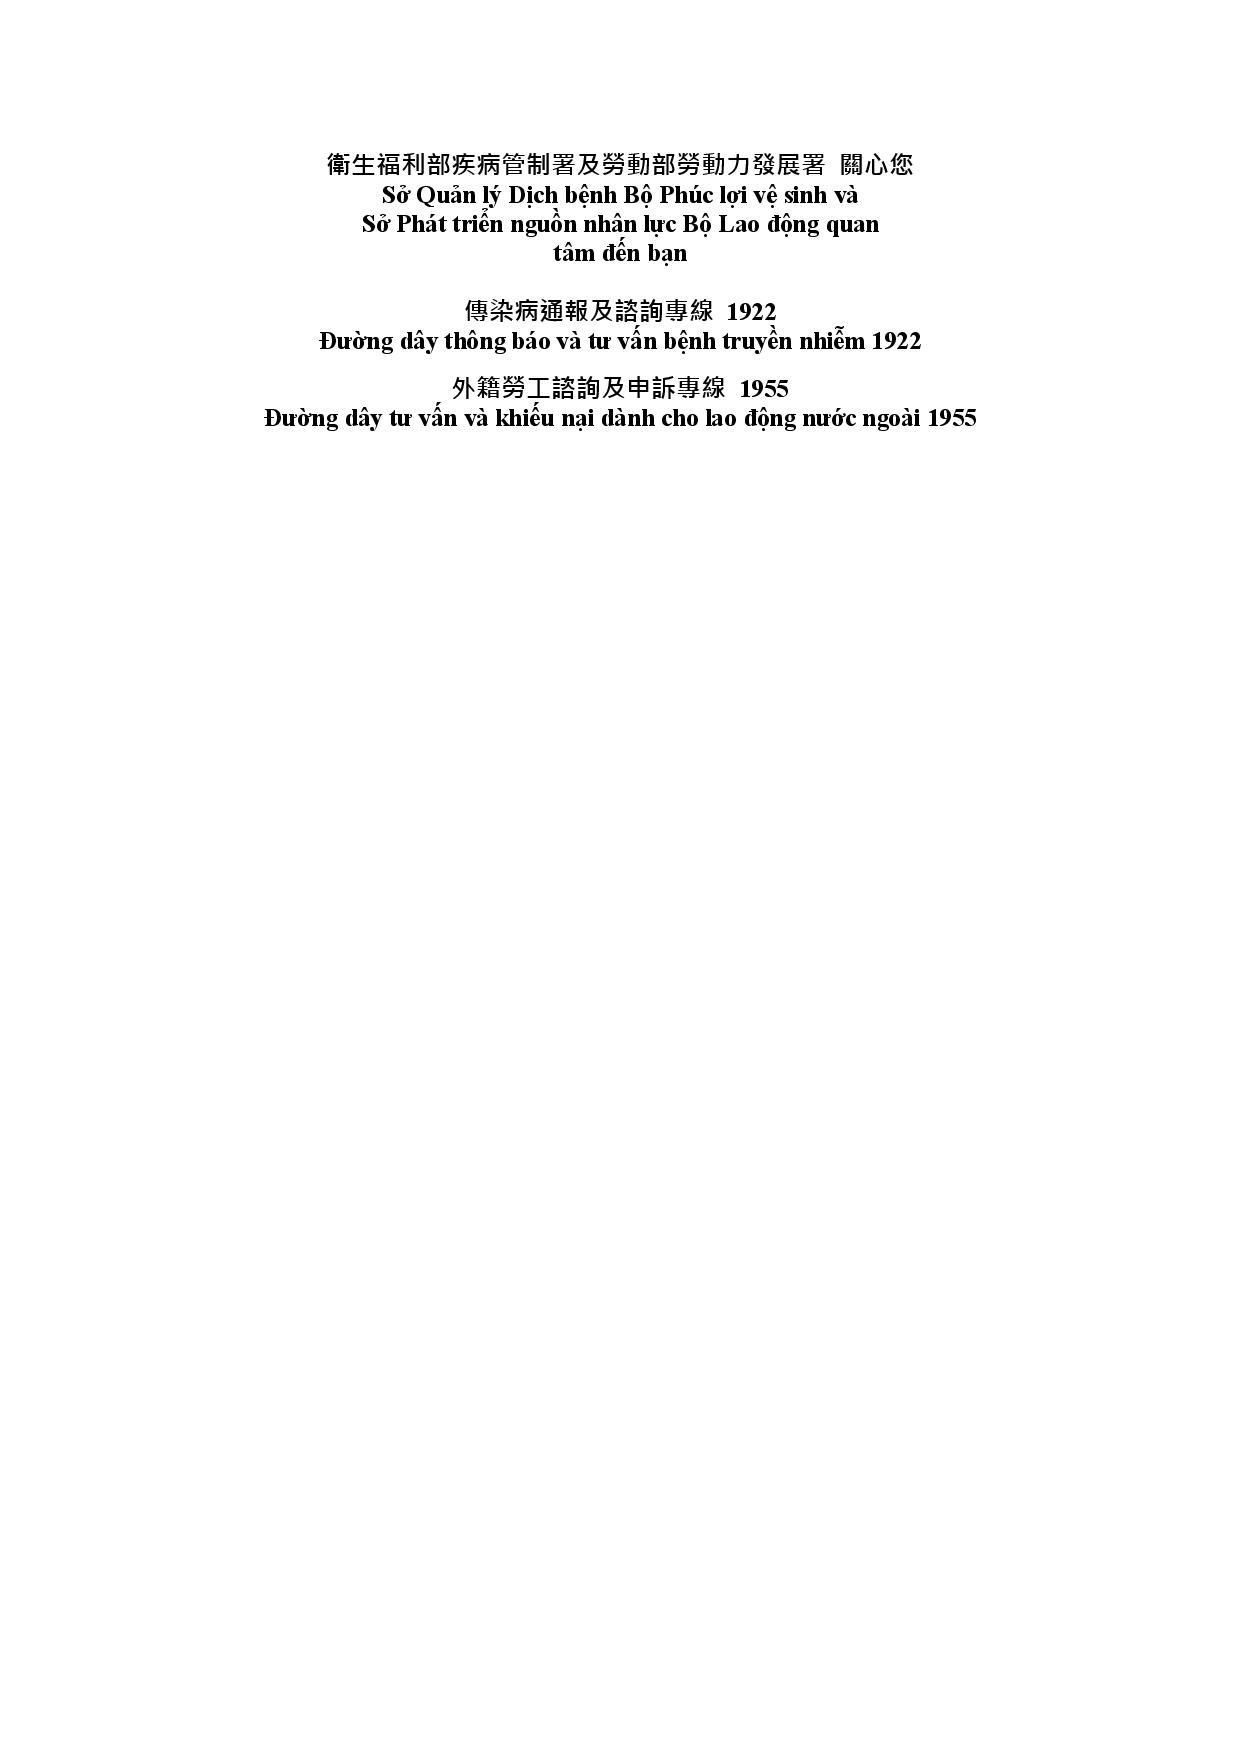 詳如附件【nhấp vào đây】Phòng ngừa bệnh lỵ trực khuẩn Shigella(Trang 3)預防桿菌性痢疾(越文)